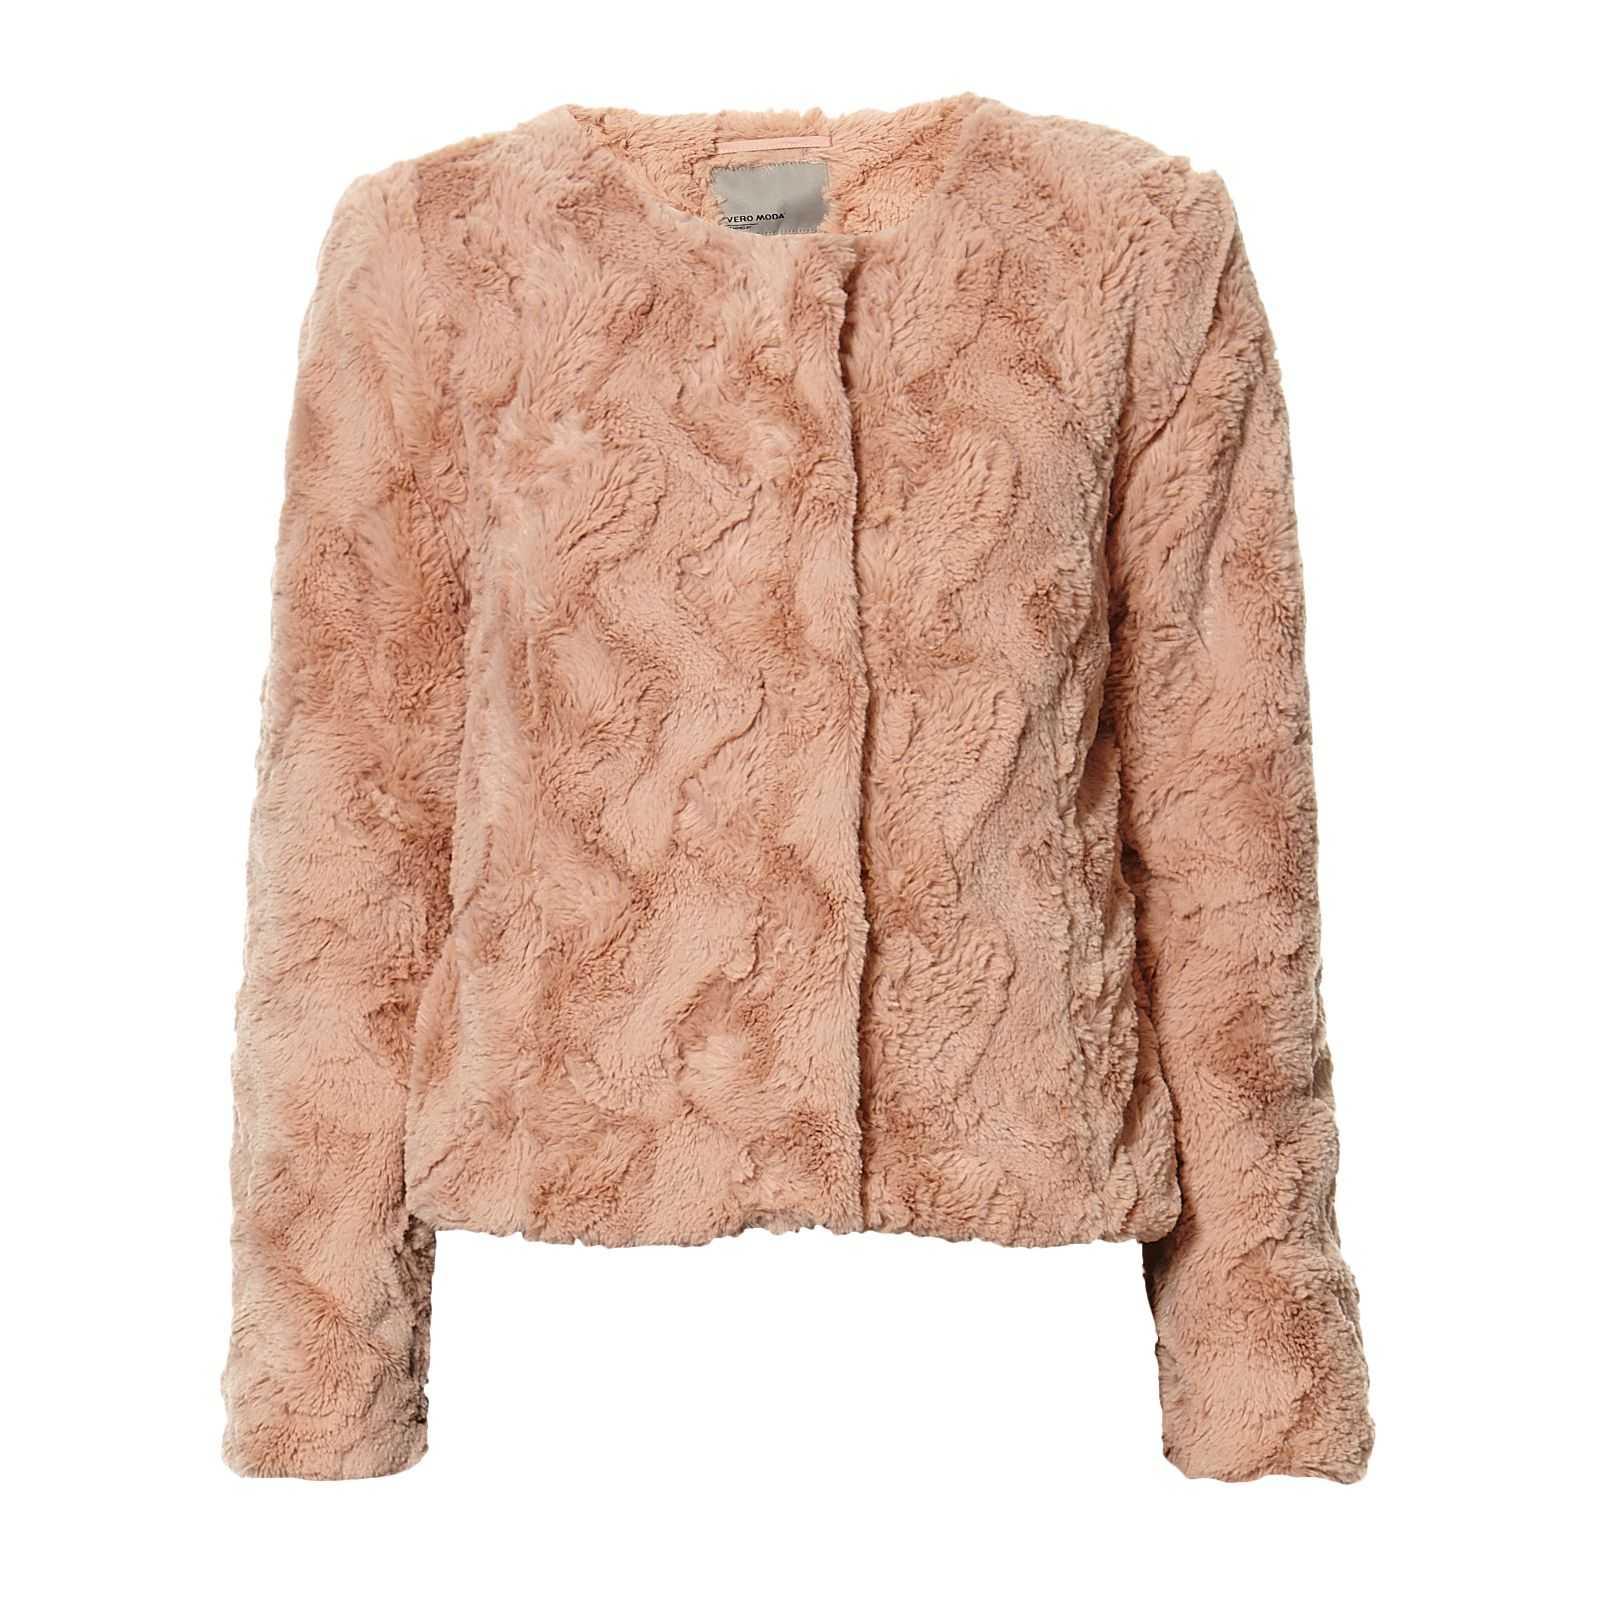 Vero Moda faux fur jasje €17 @ Outlet Avenue (+€5,50 verzenden)